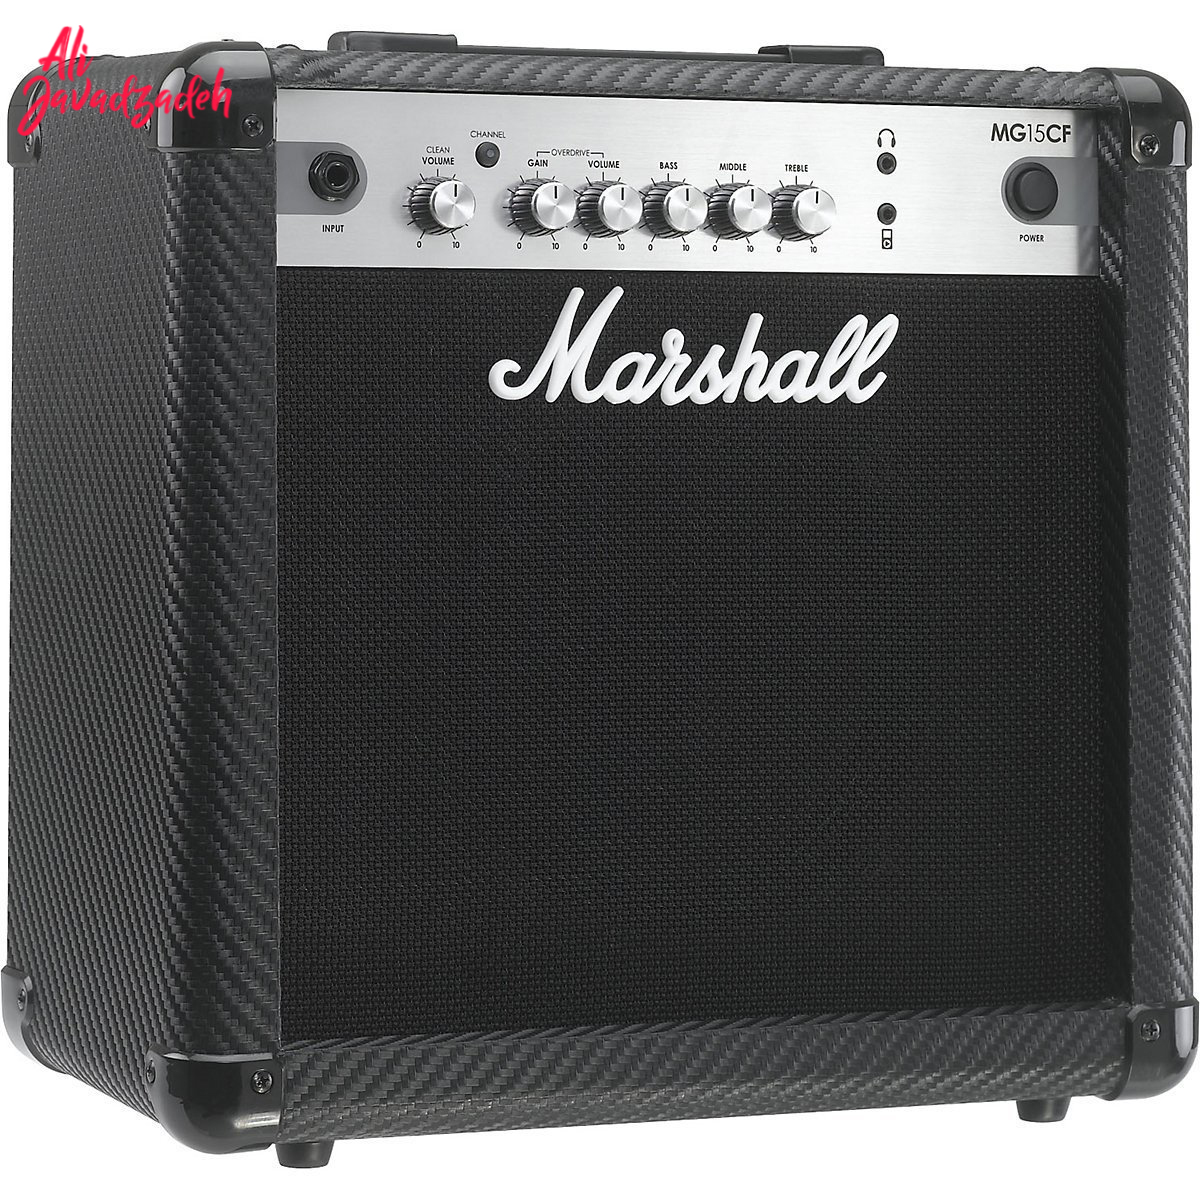 آمپلی فایر گیتار مارشال مدل MG15CF